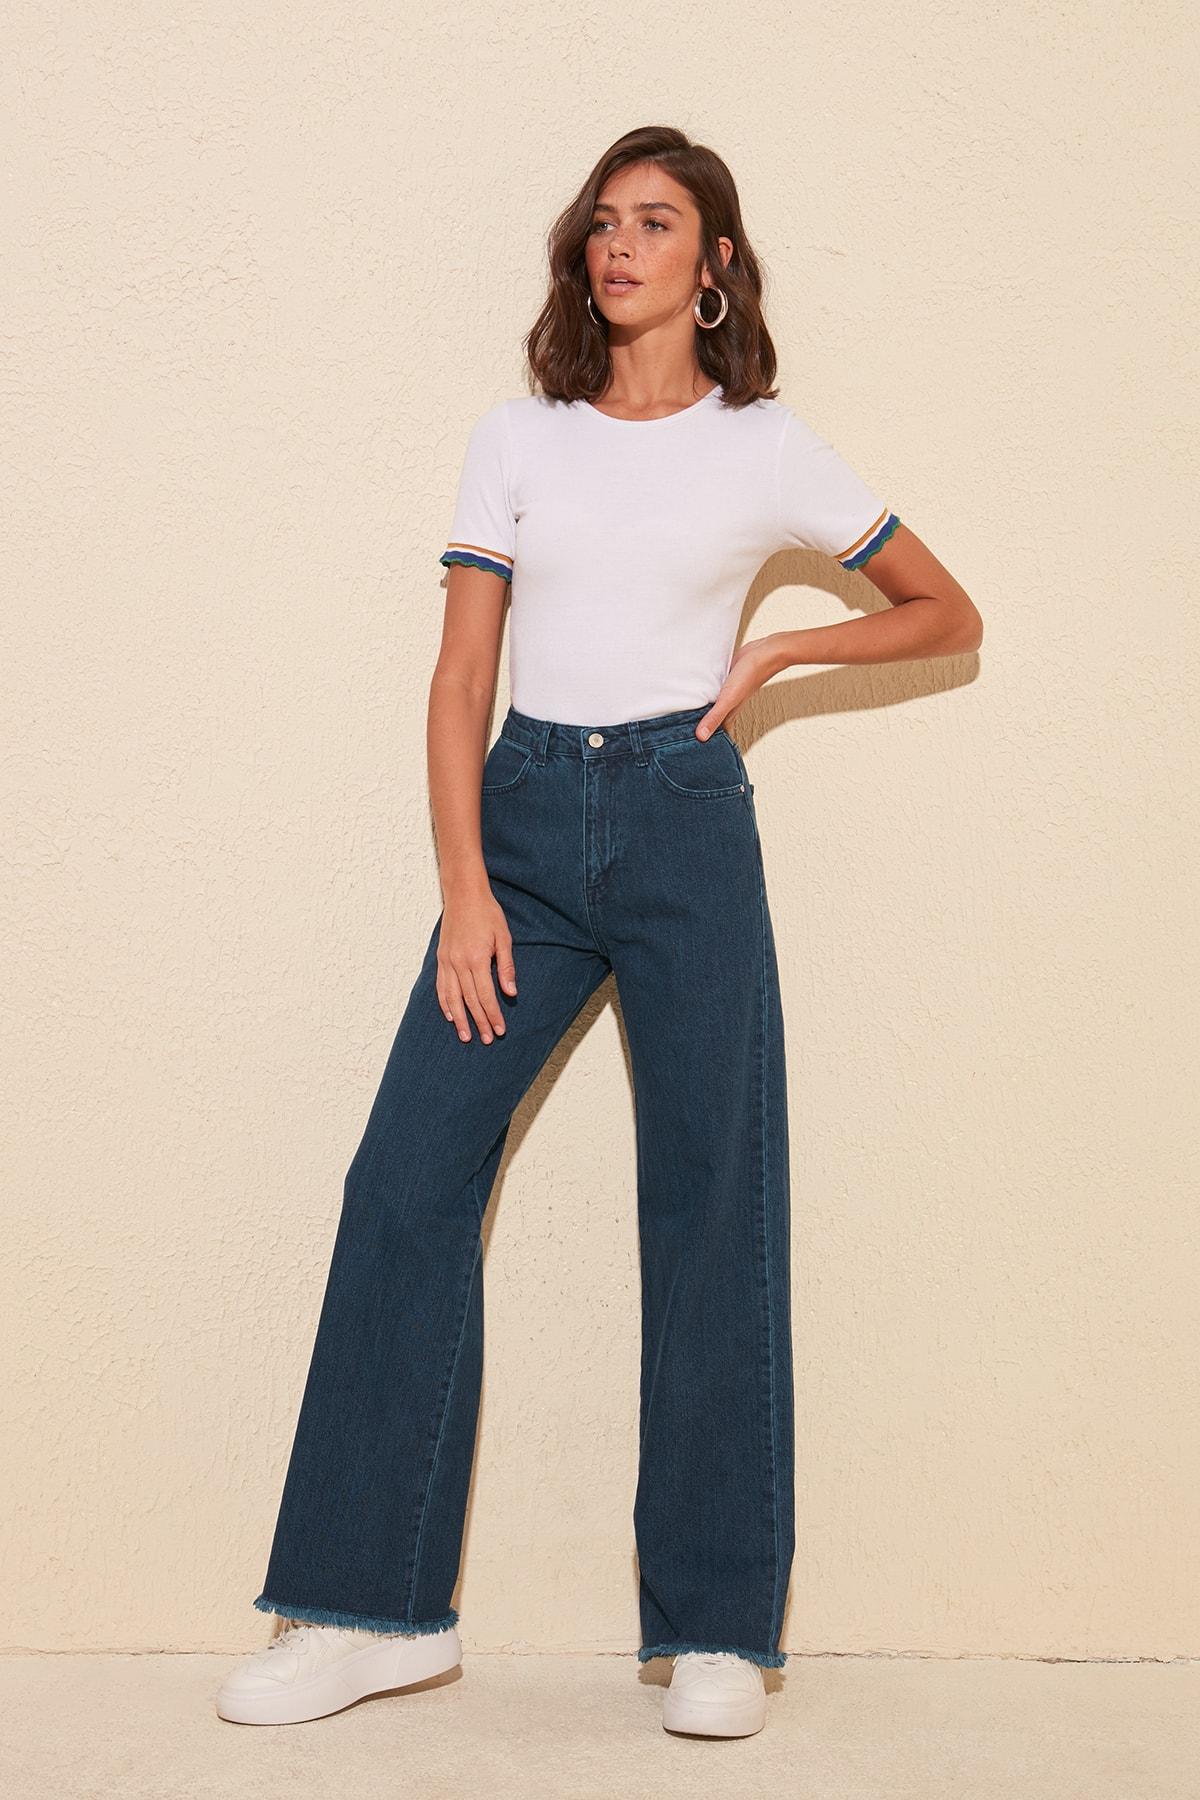 Trendyol Pettitoes Tassels High Bel Wide Leg Jeans TWOSS20JE0185